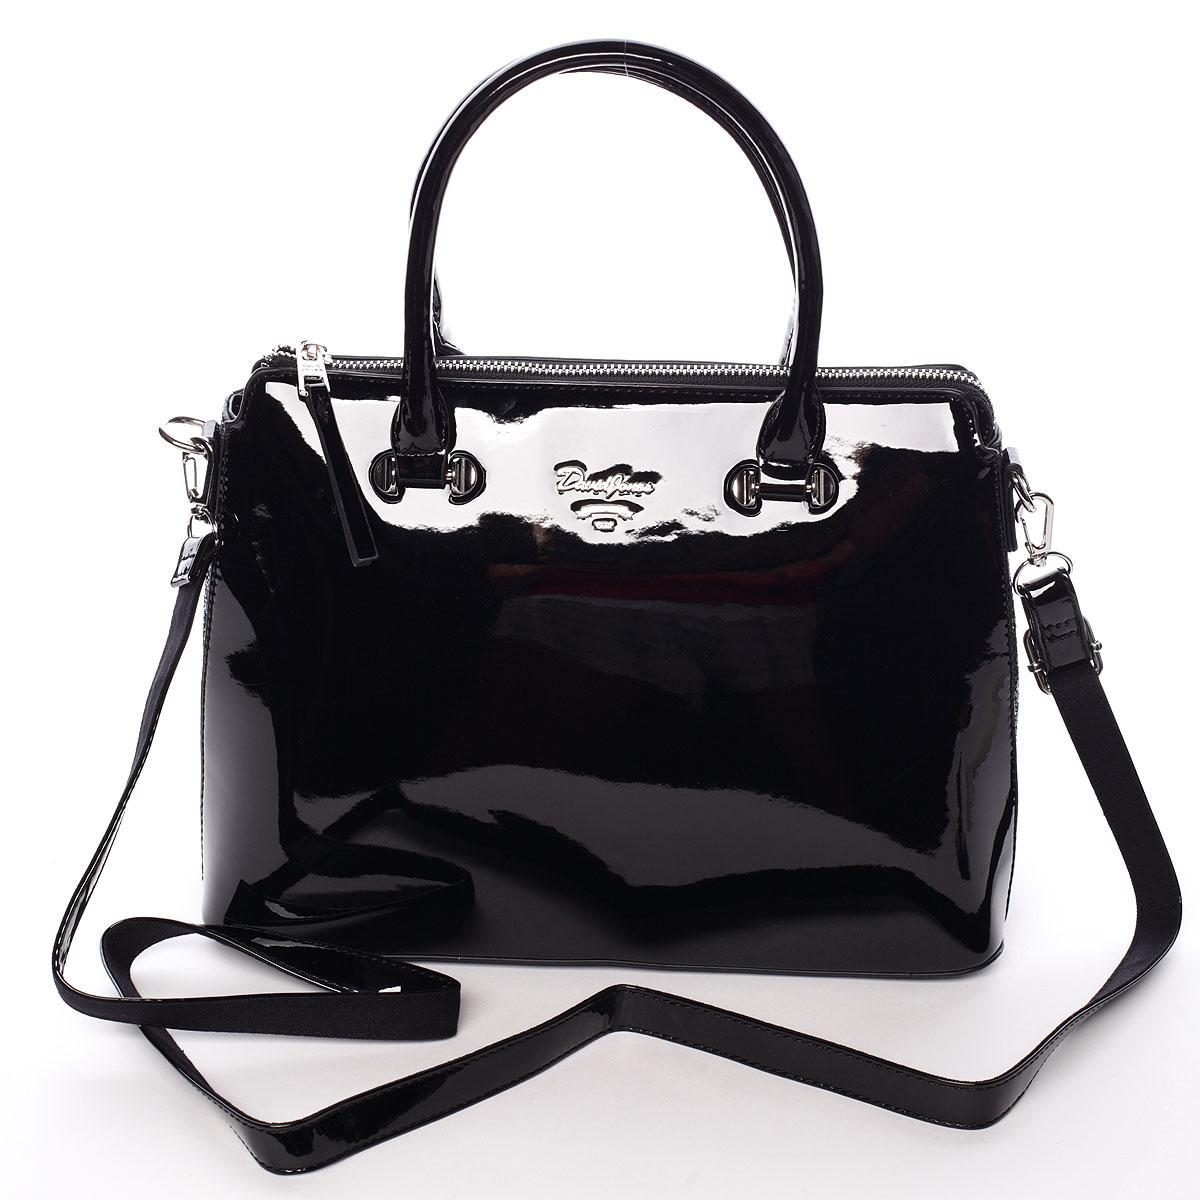 Elegantní lakovaná černá dámská kabelka - David Jones Belen